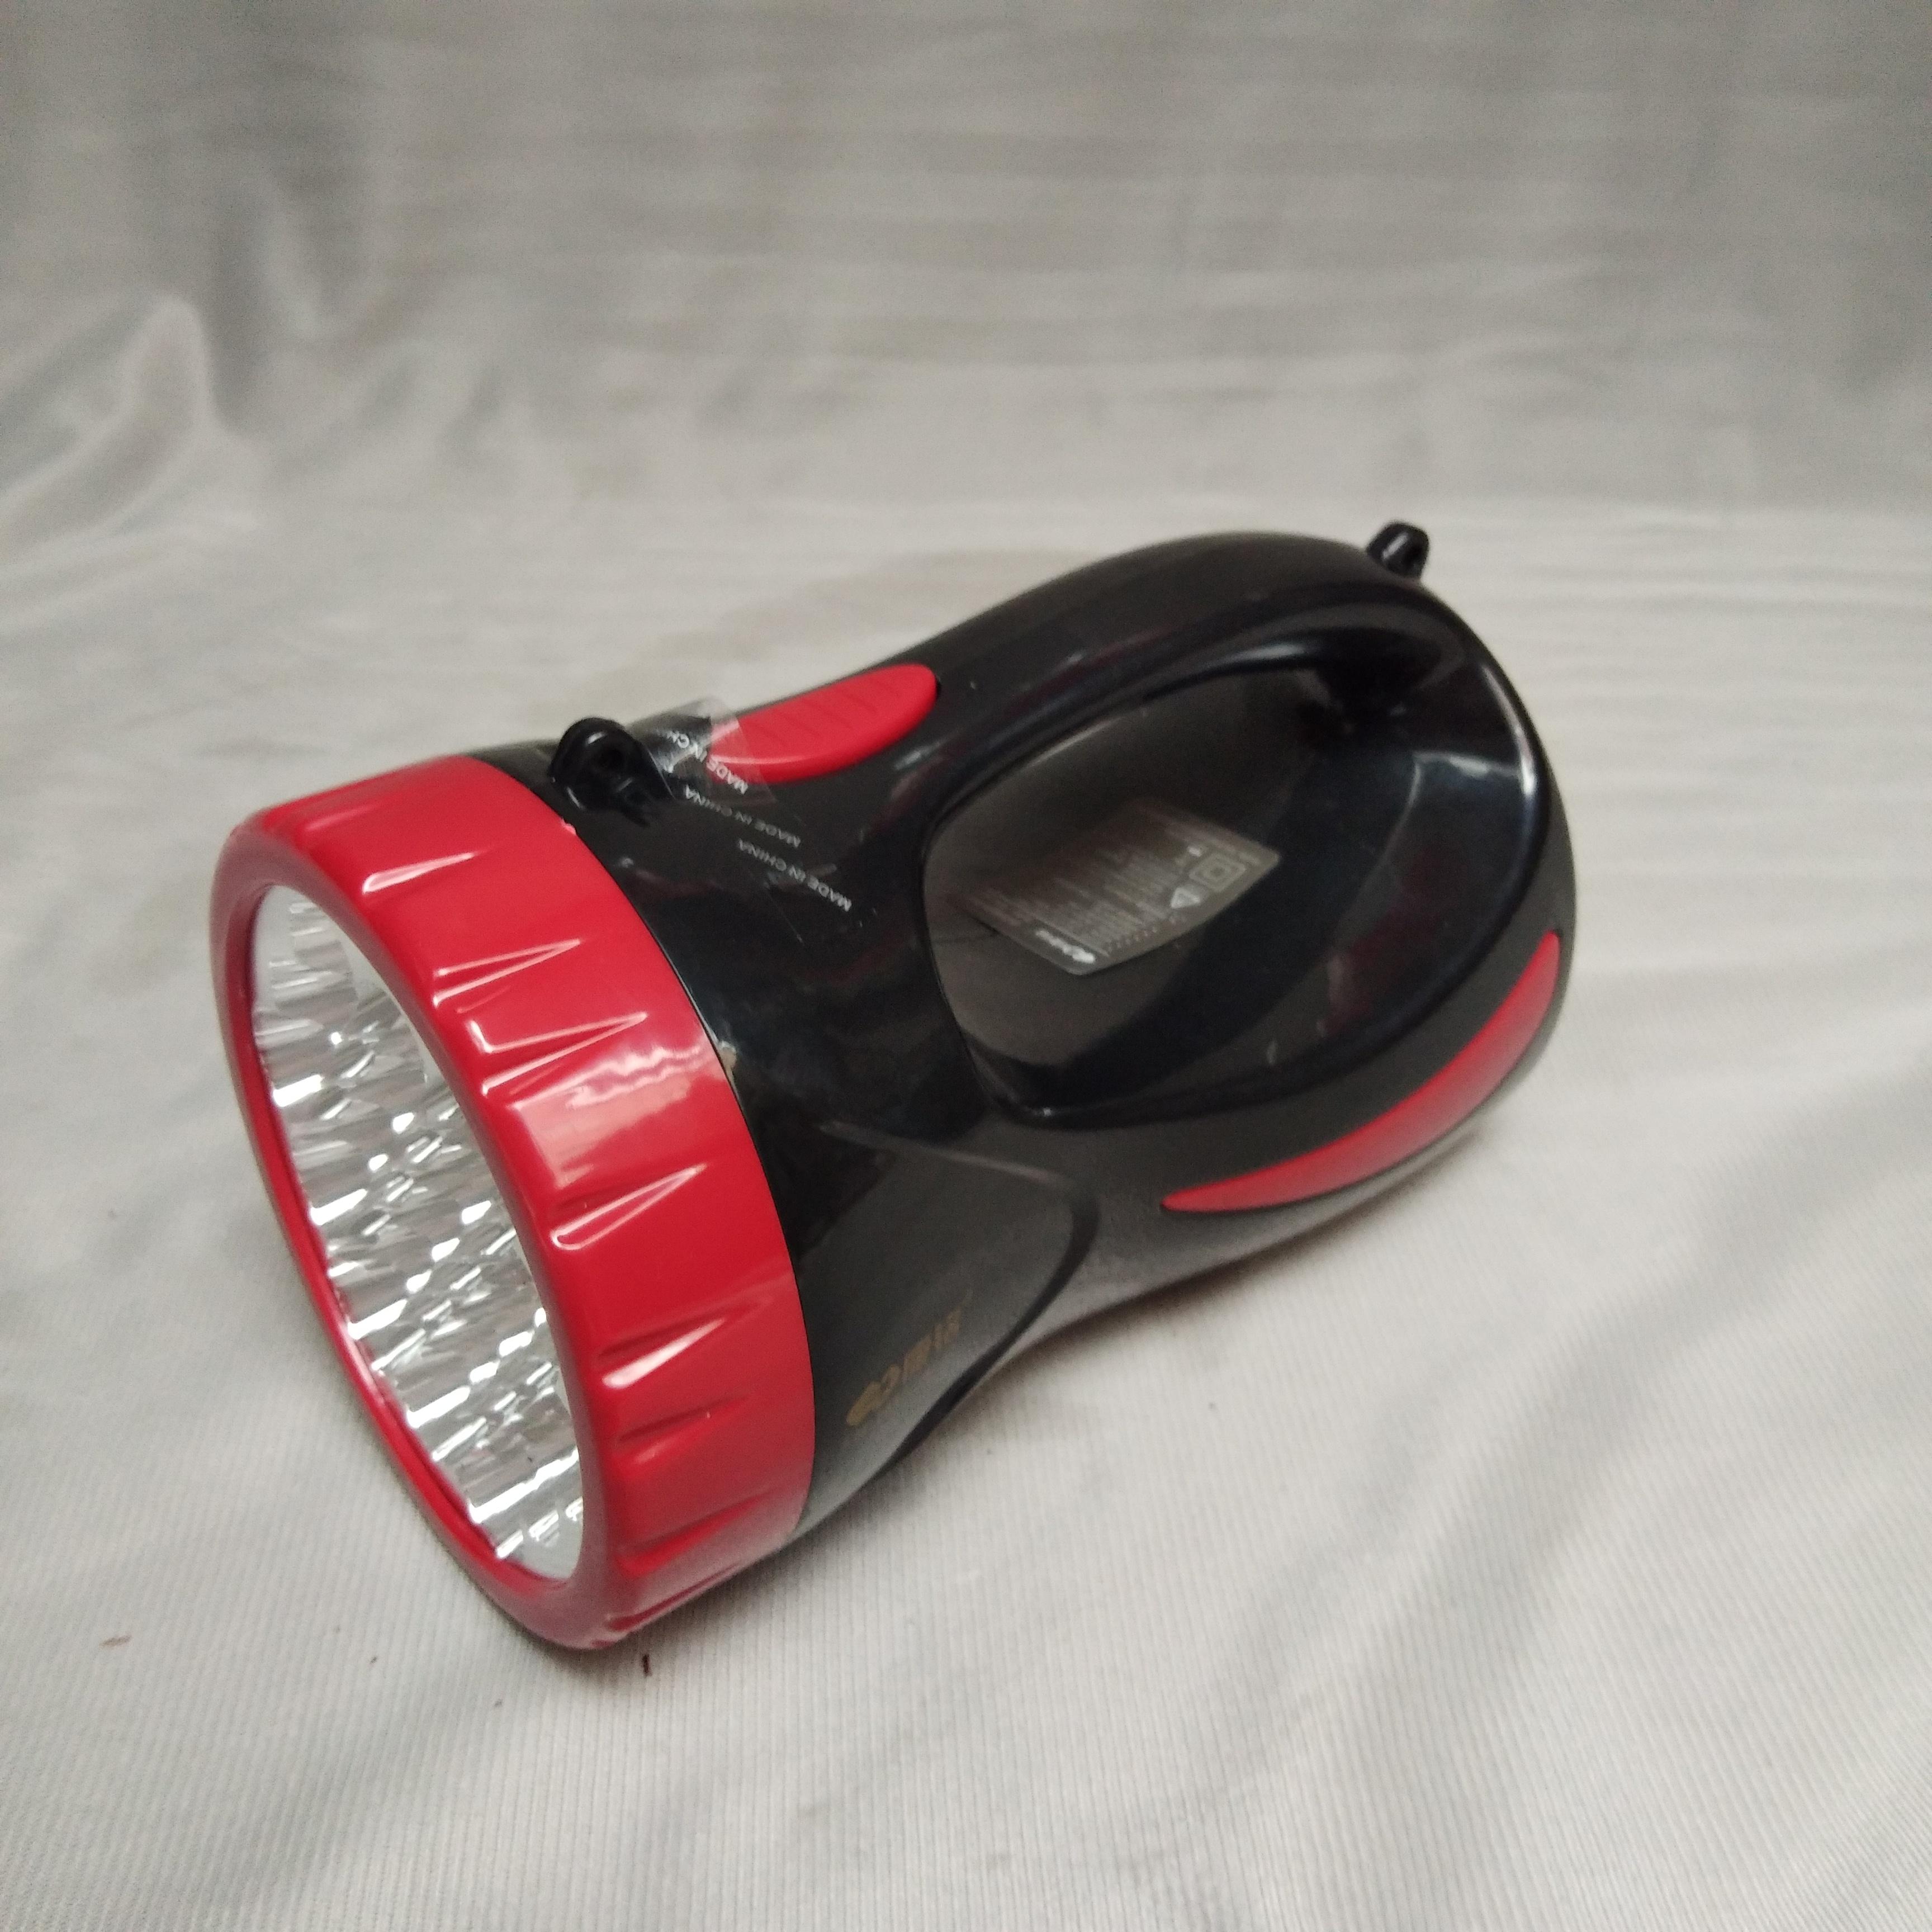 青云谱区厂家直销探照灯 照明灯 照射灯 康铭牌LED可充电手提式探照灯  夜间探照灯